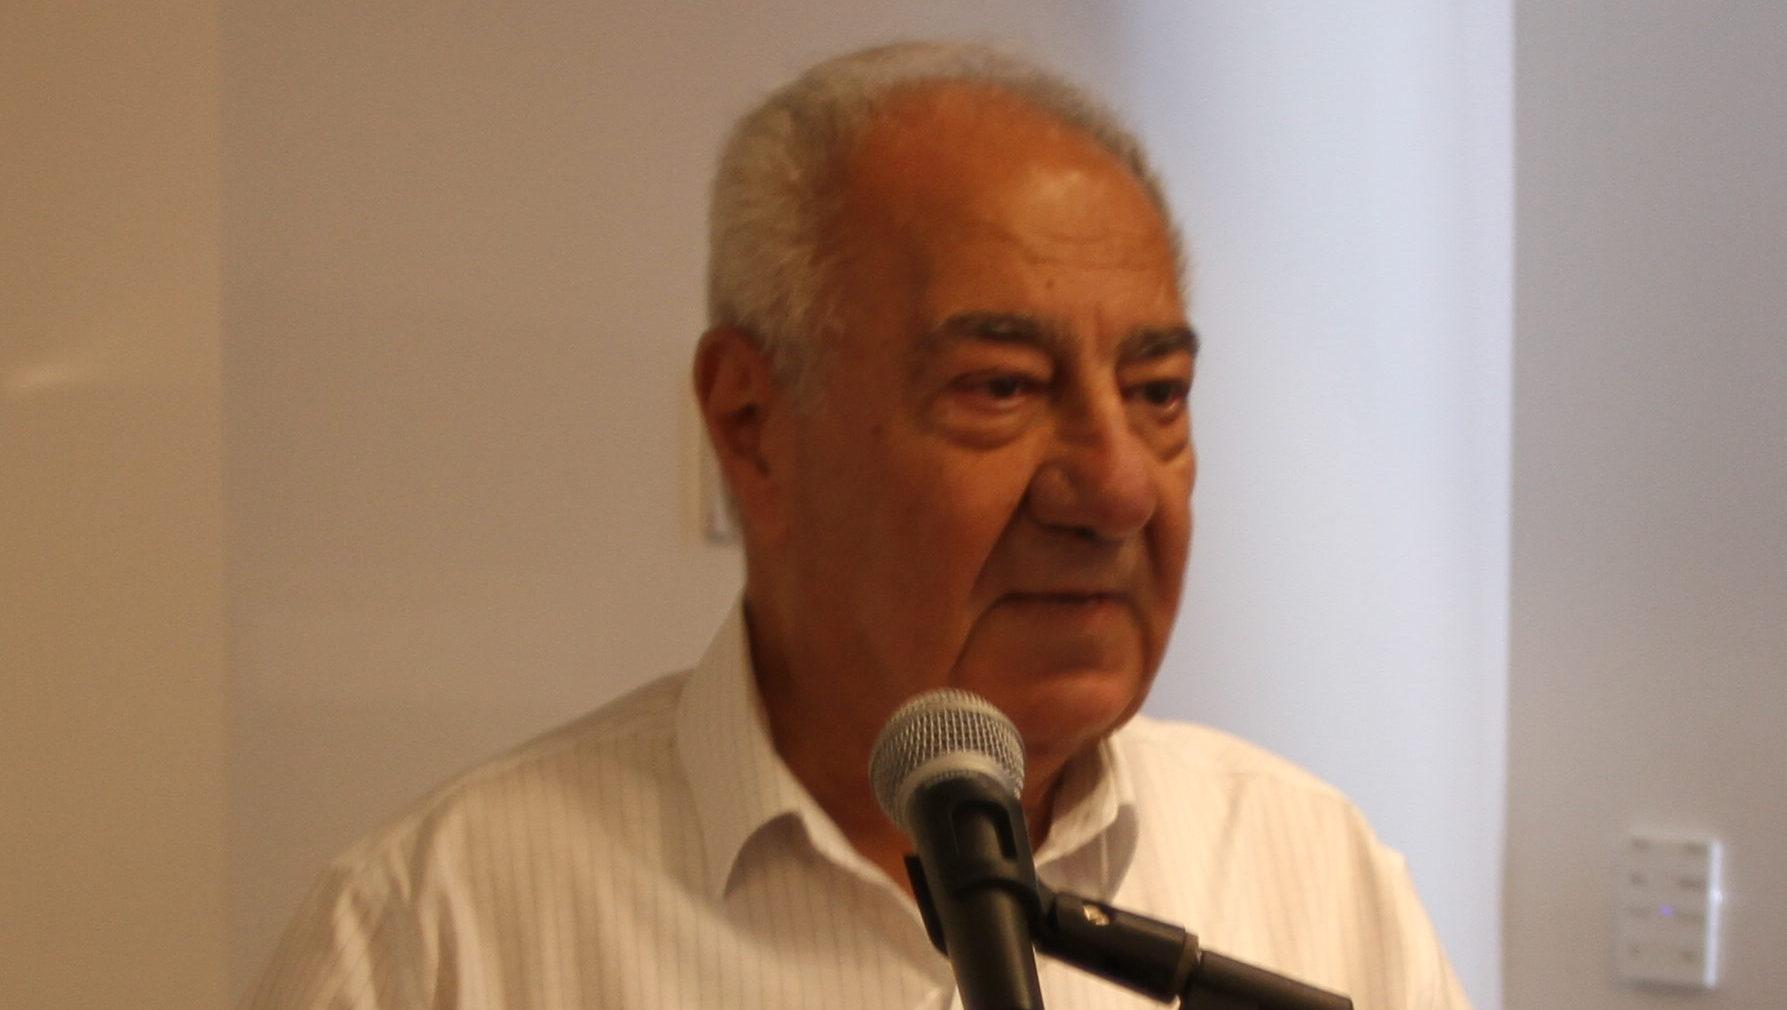 """סוויל משרקי, יוזם הבג""""ץ של סוכני הביטוח מהמגזר הערבי נגד החברות: פרמיות בסך 3.5-4 מיליארד שקל עוברות מסוכני ביטוח ערבים לסוכנים יהודים"""